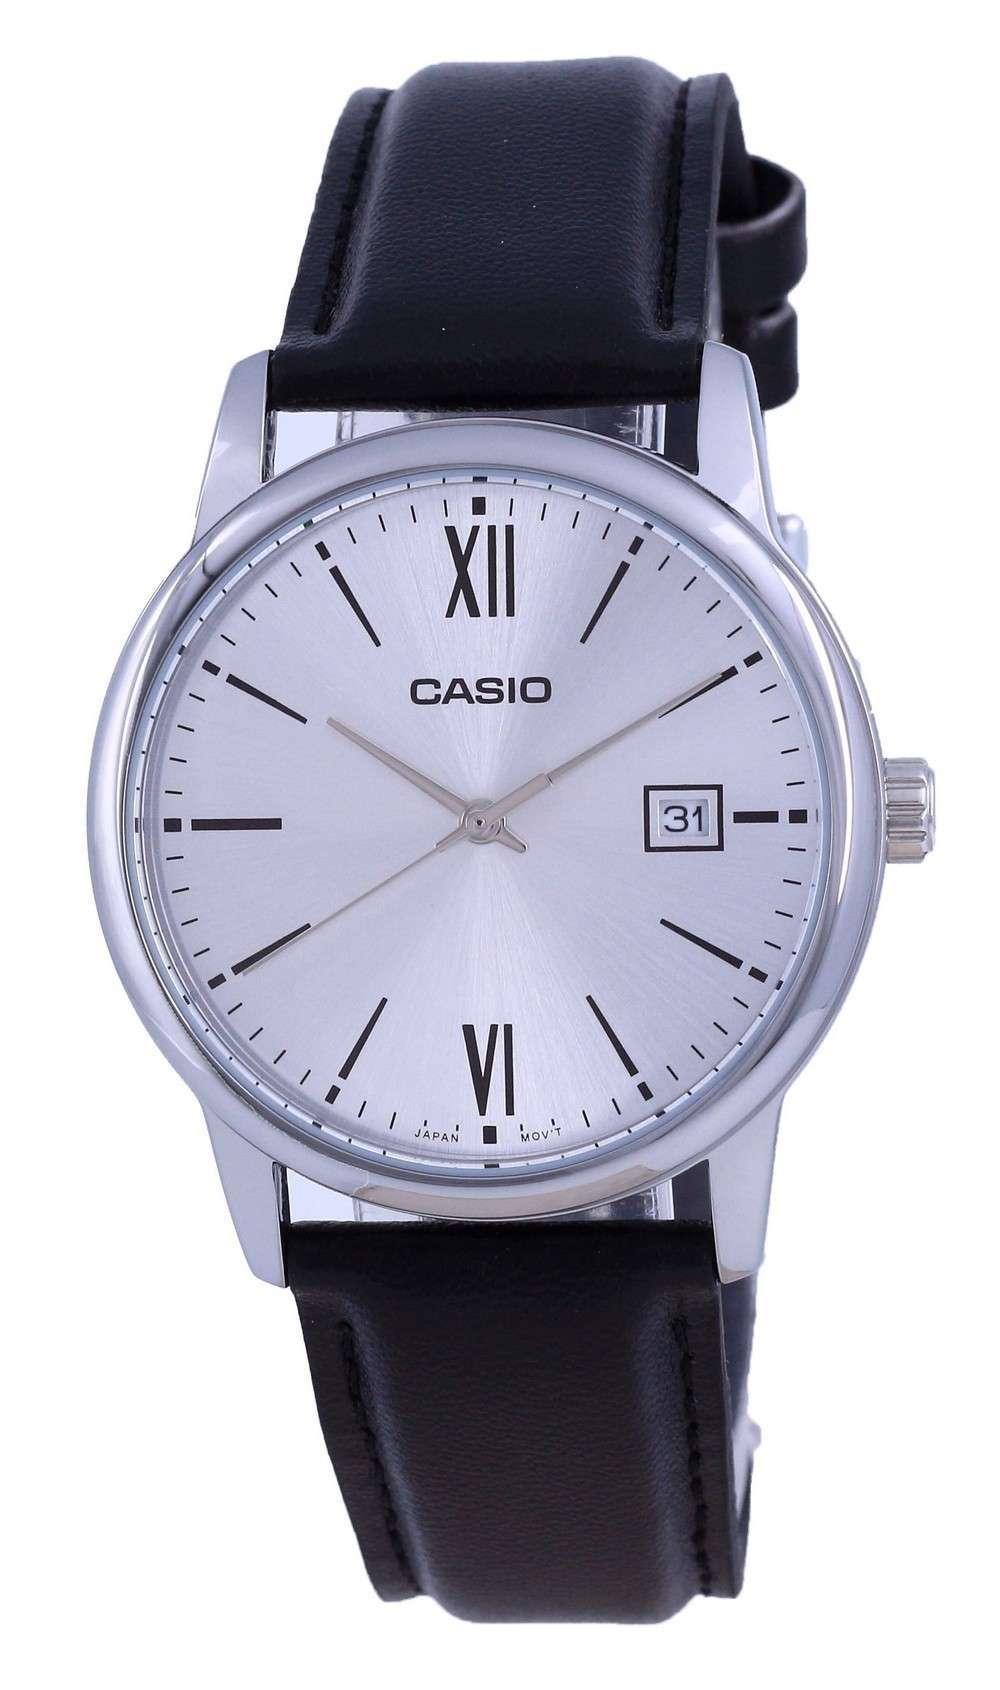 Reloj Casio de cuarzo analógico de acero inoxidable con esfera plateada MTP-V002L-7B3 MTPV002L-7 para hombre